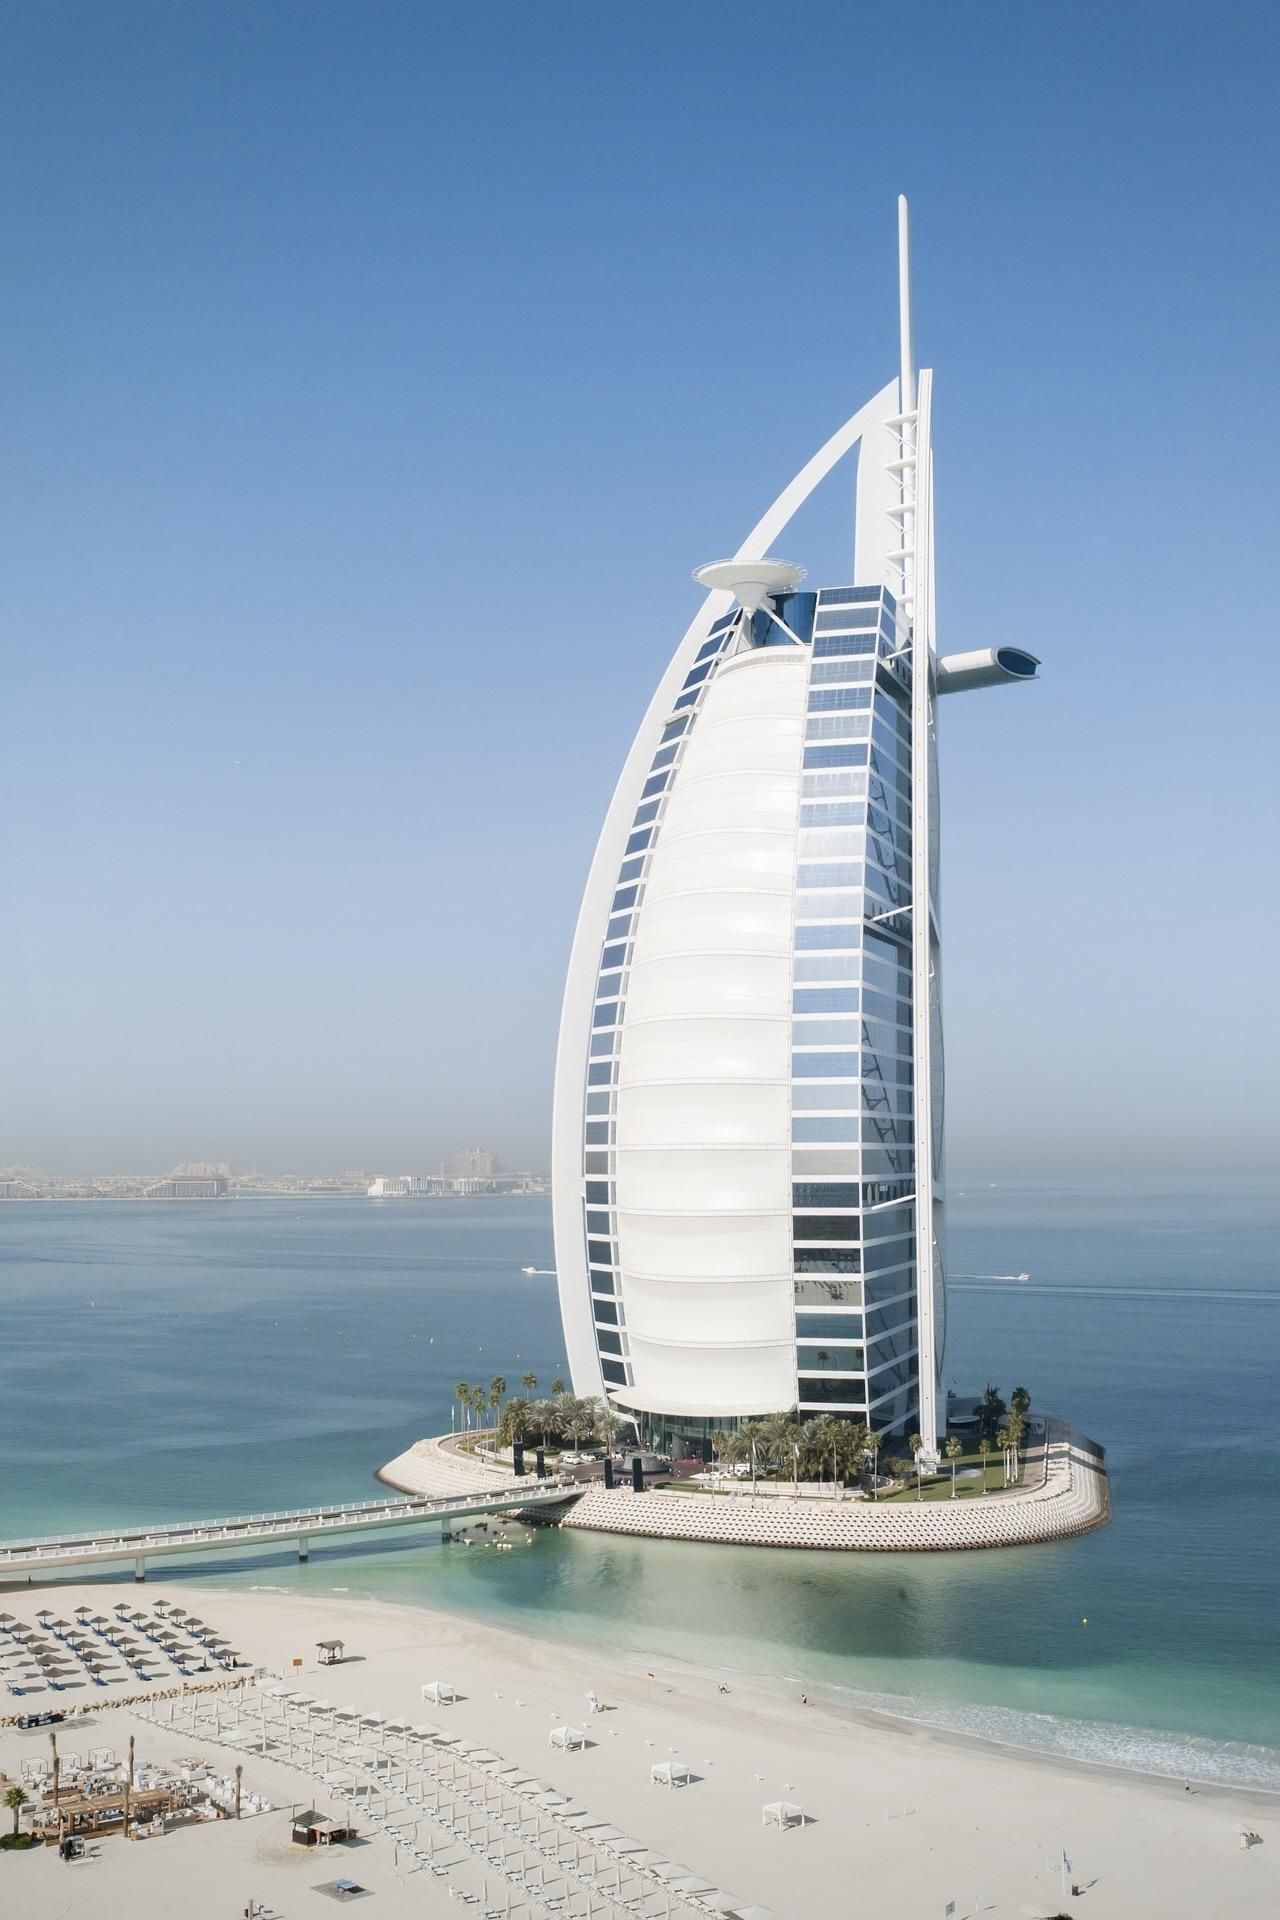 Der Burj al Arab in Dubai